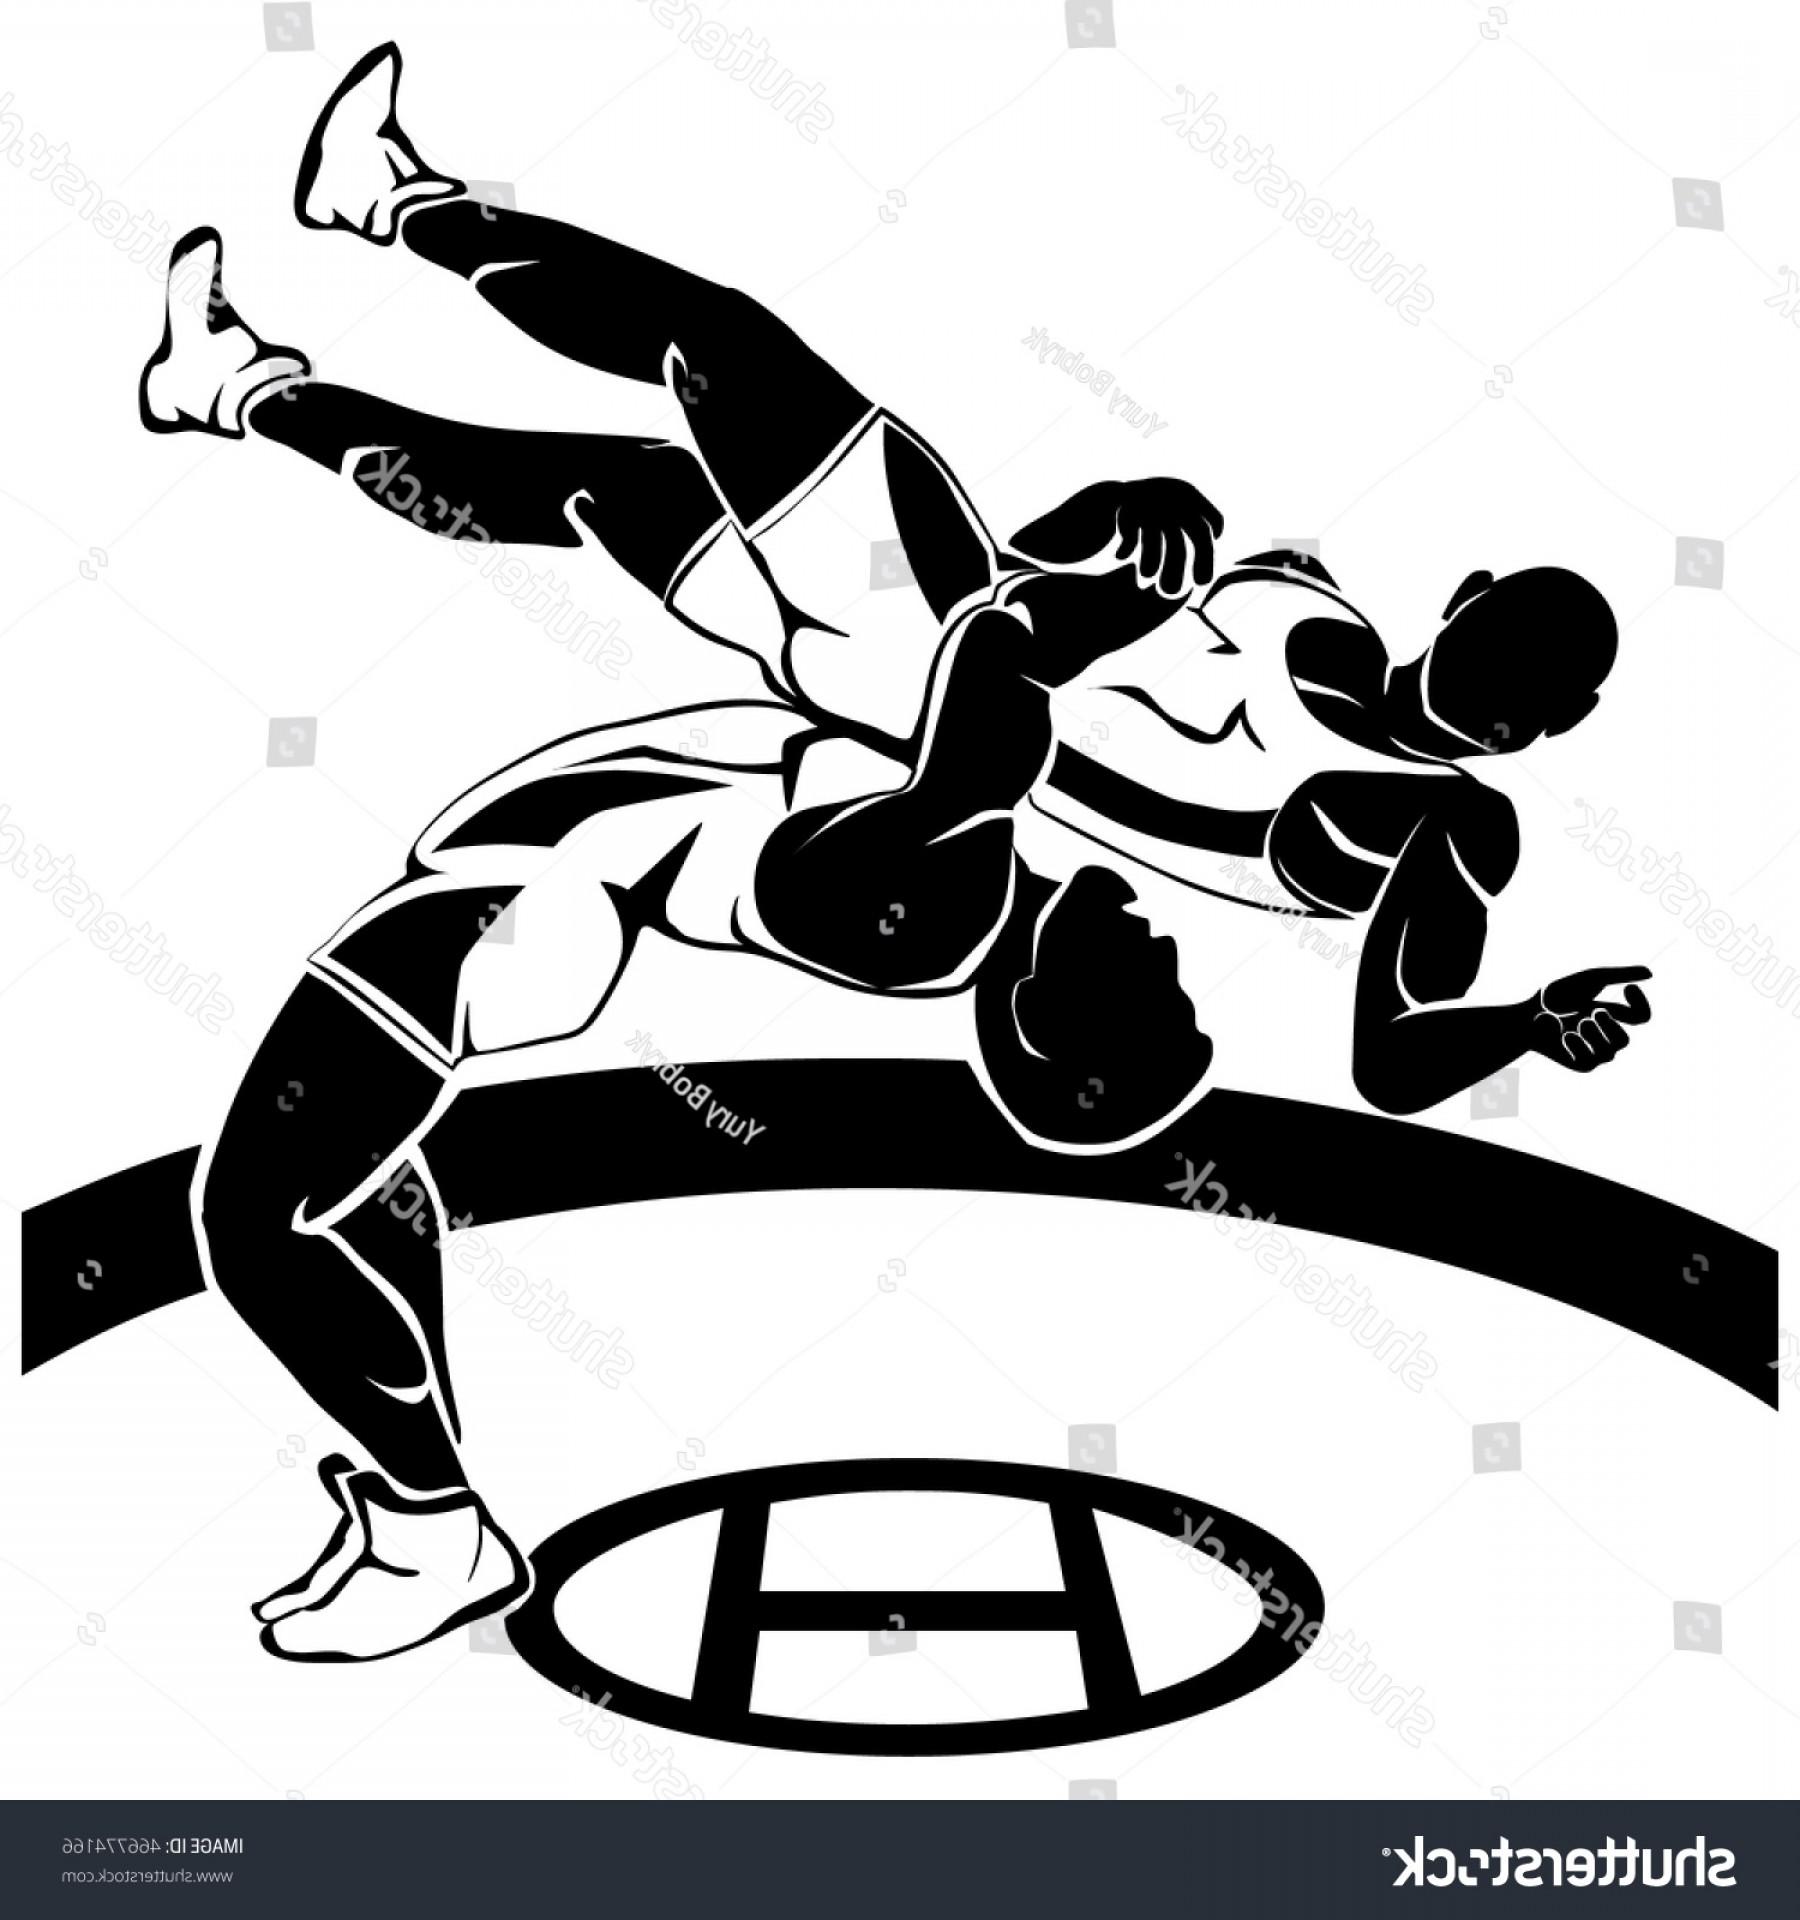 1800x1920 Wrestling Vector Clip Art Geekchicpro